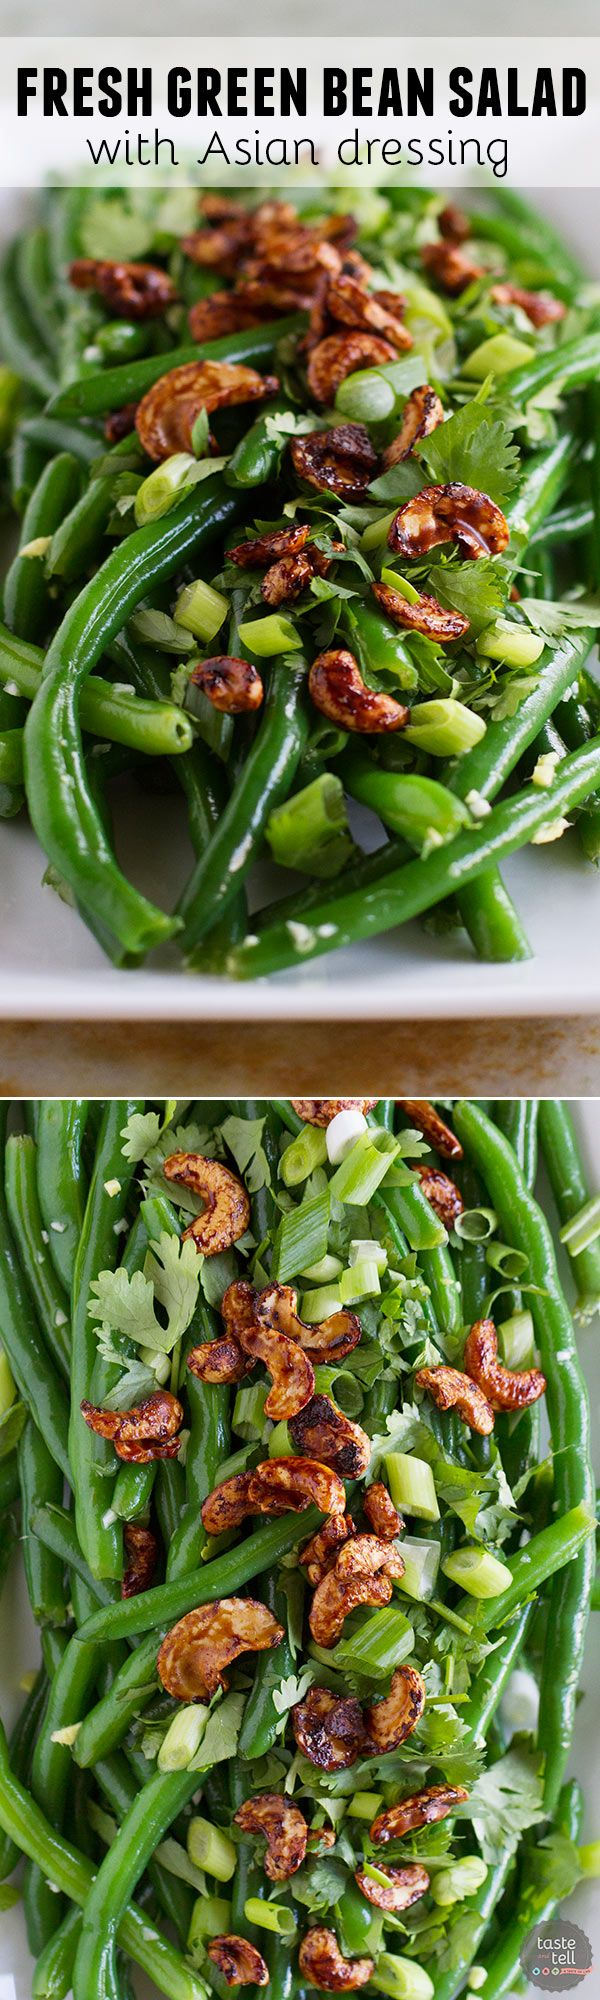 Green Bean Salad Recipes Australia